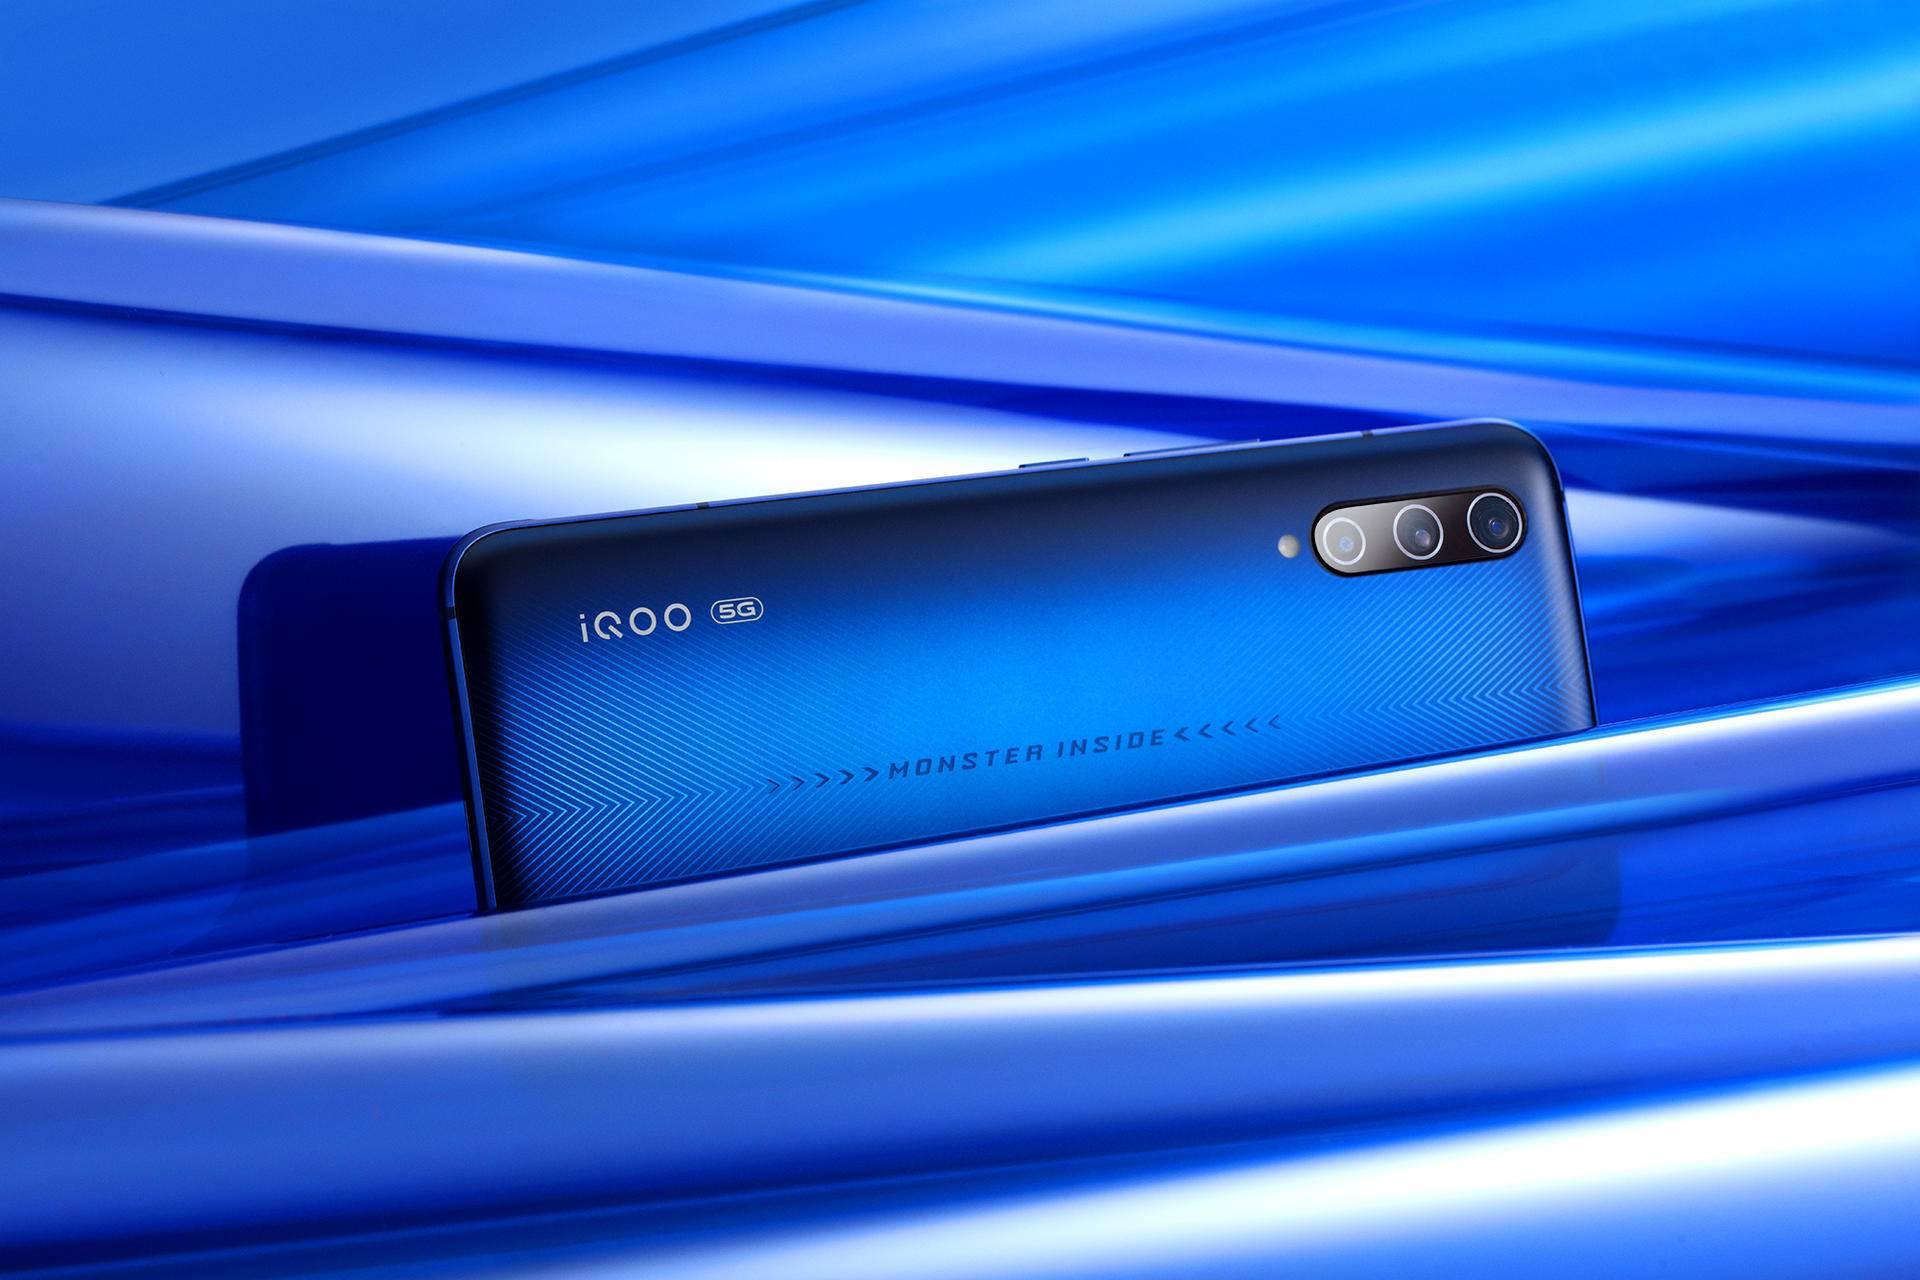 手机靓号号码iQOO Pro 5G版国庆快闪行动即将开启,送178元快充